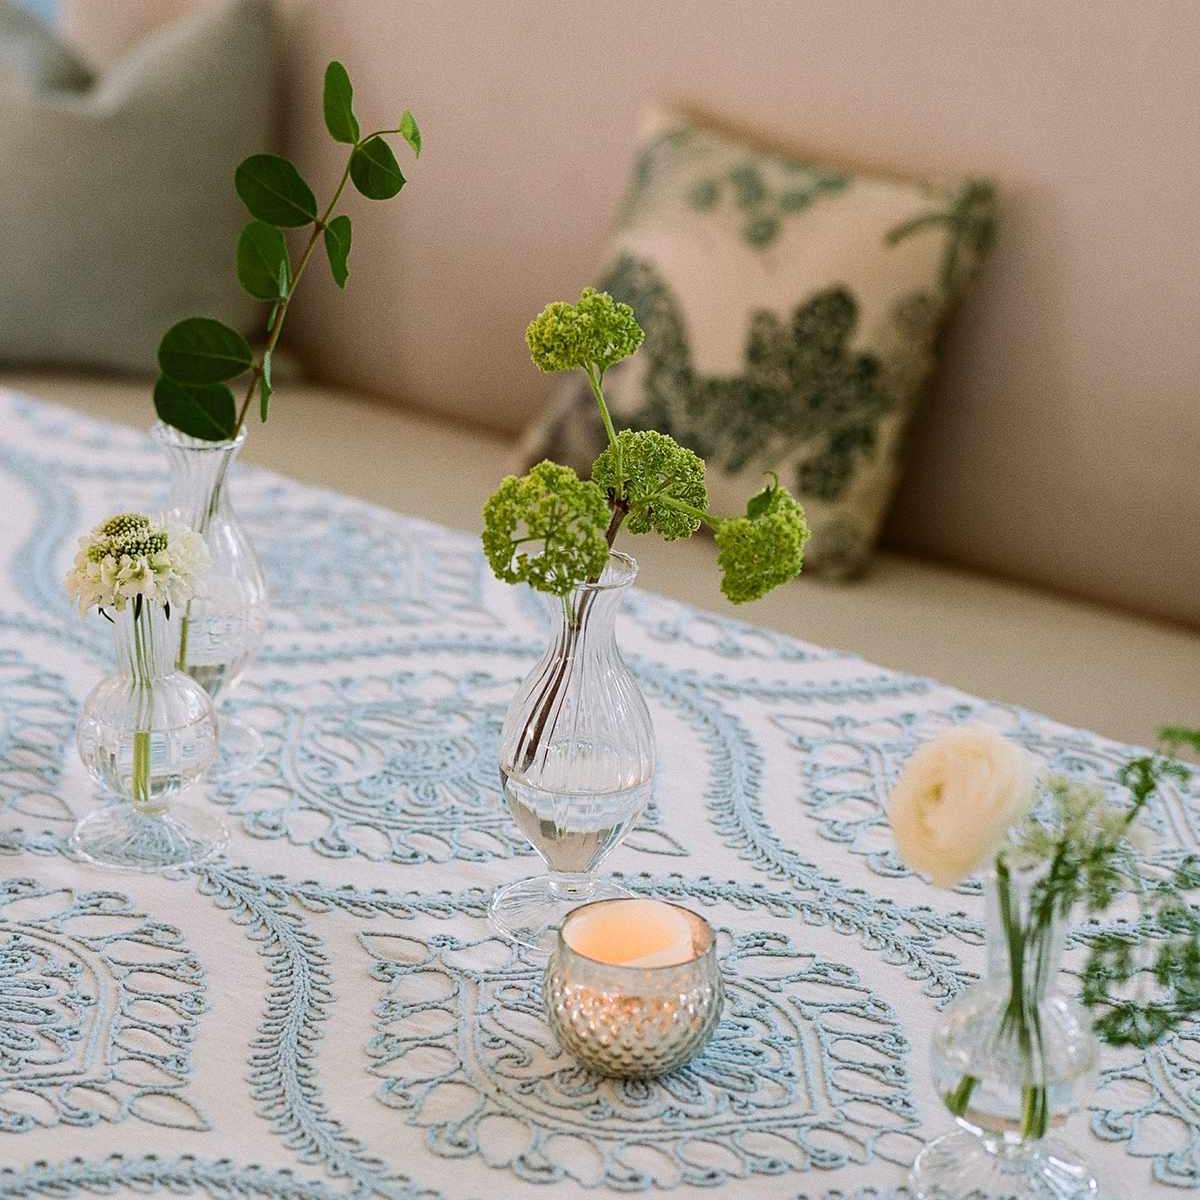 DIY floral wedding centerpieces